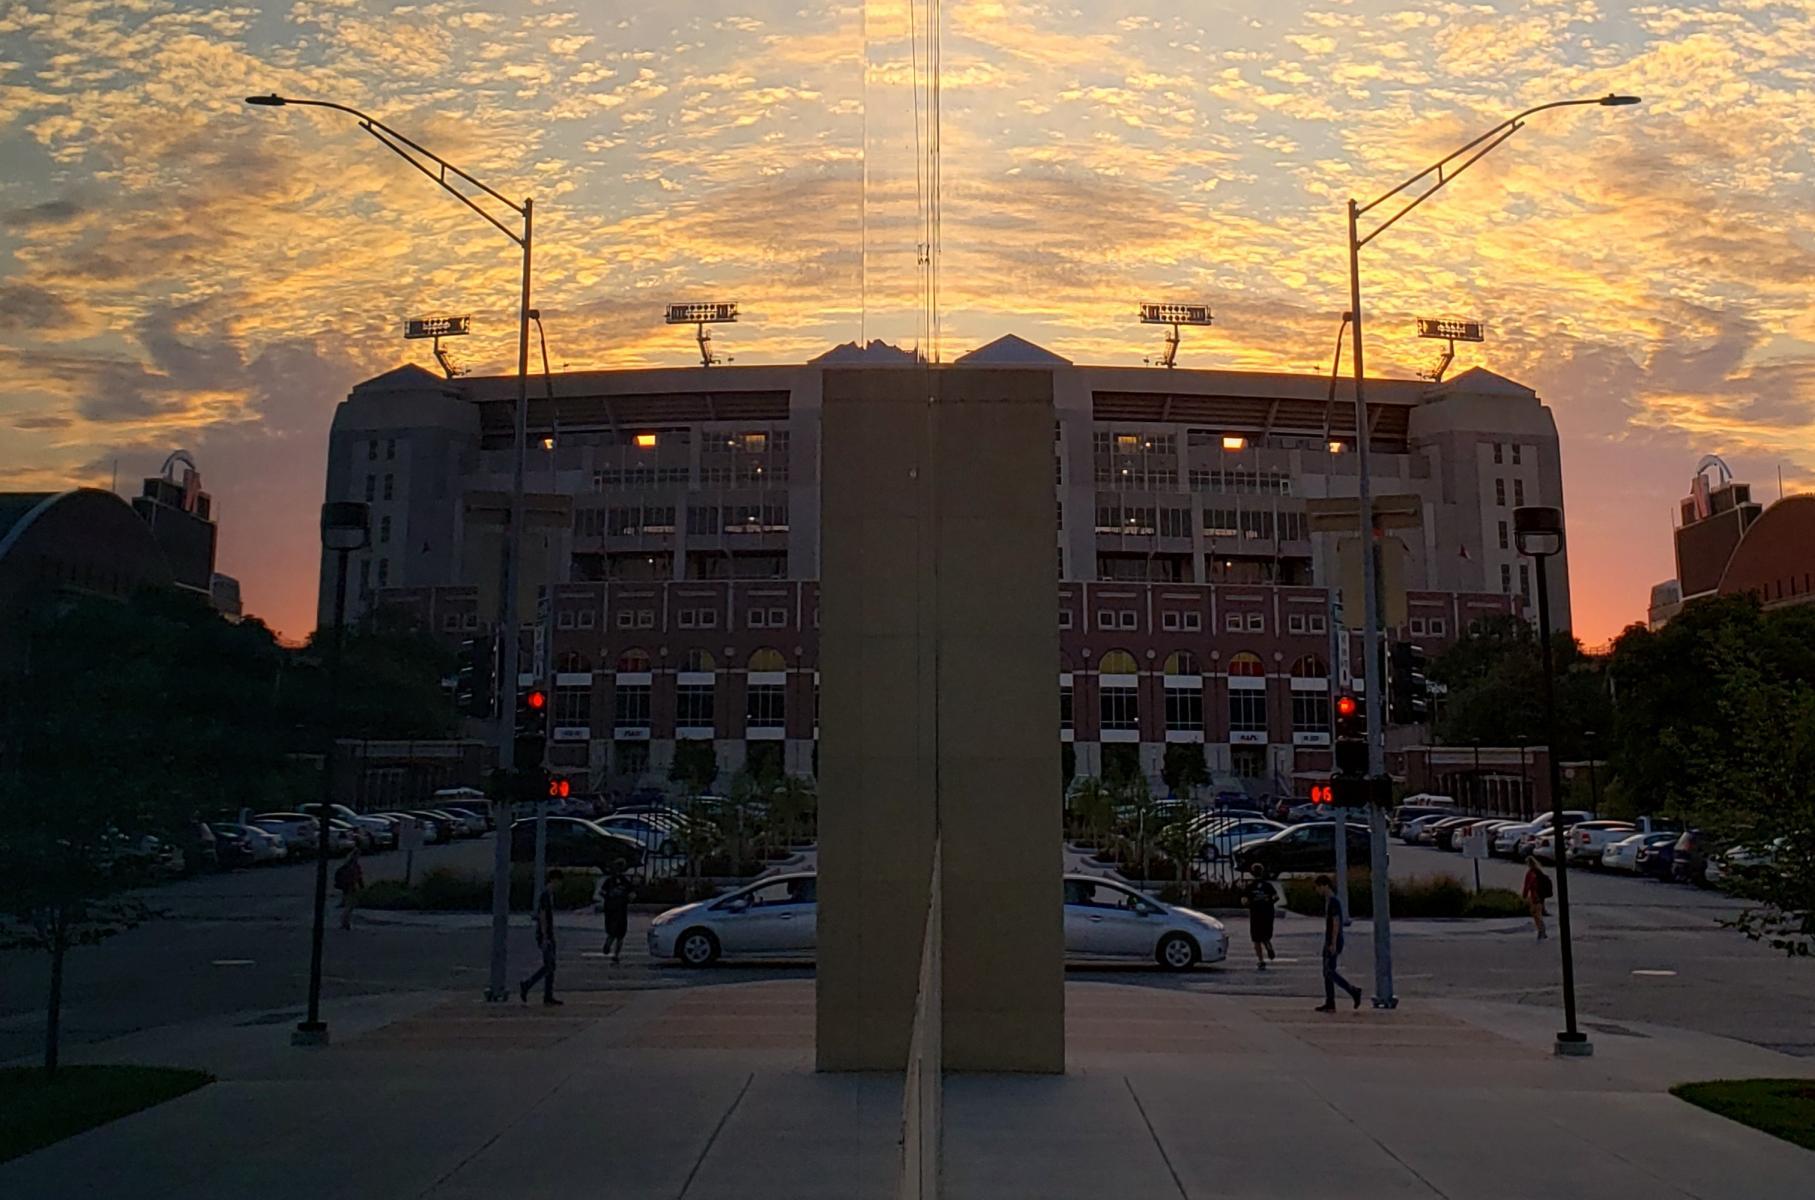 Sunset at Memorial Stadium on UNL campus